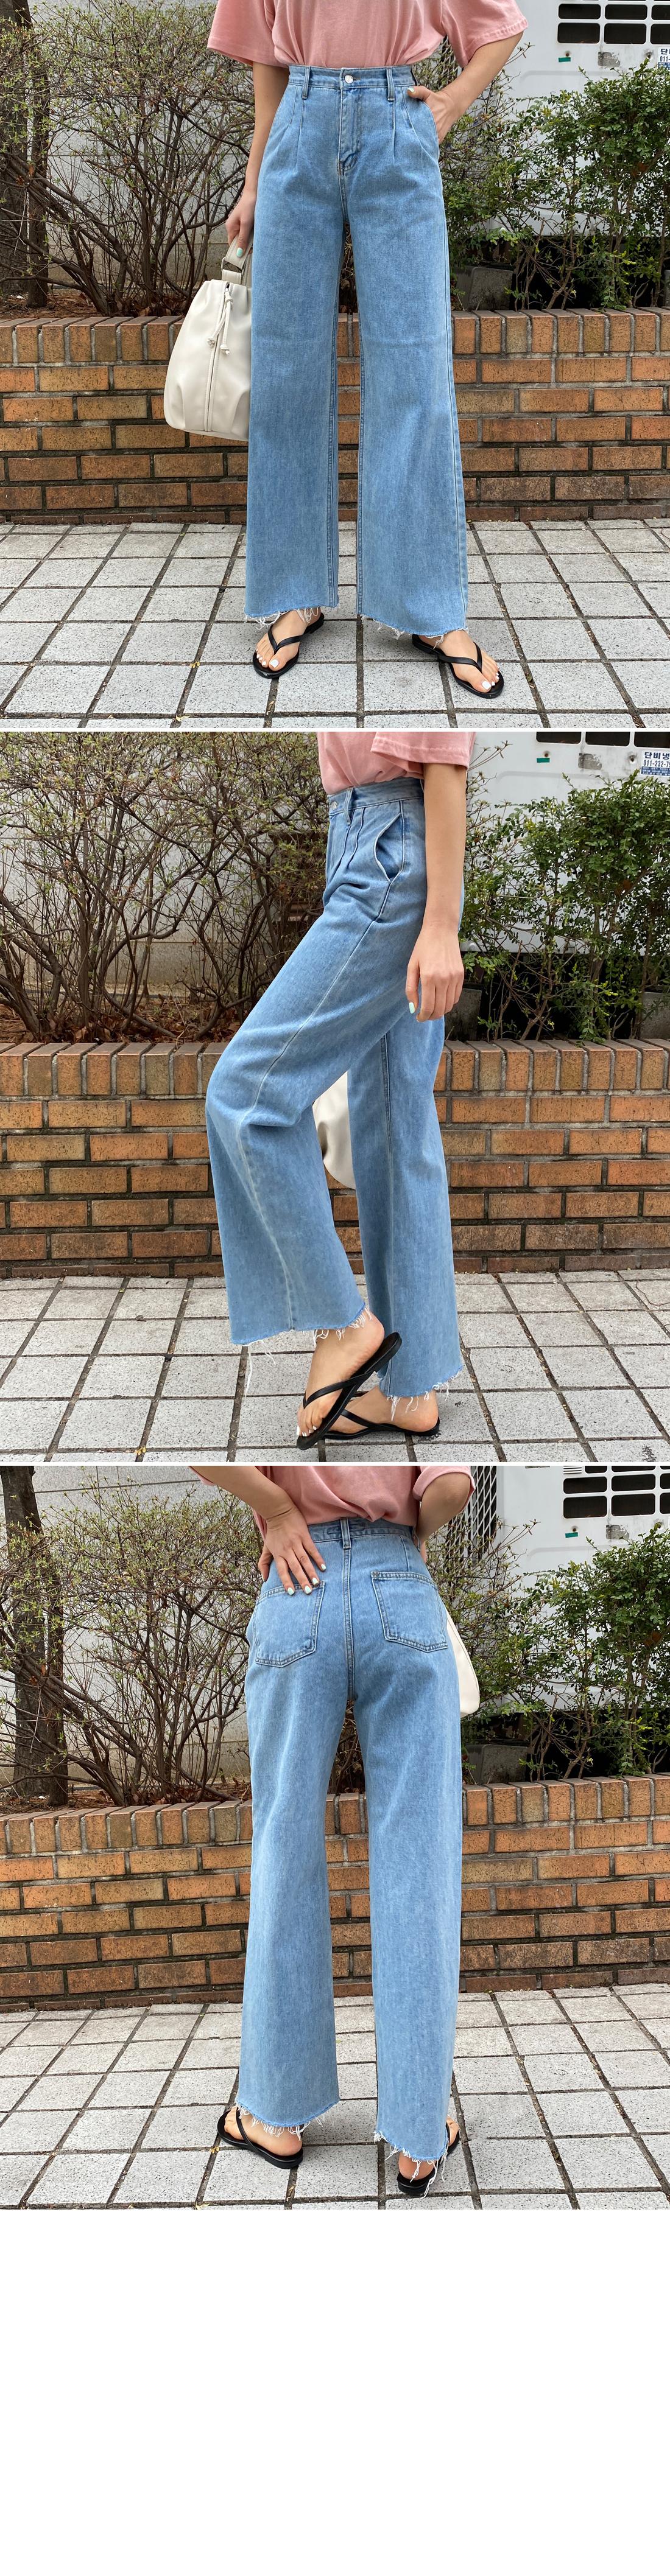 Waist Pin Light Blue Blue Wide Jeans